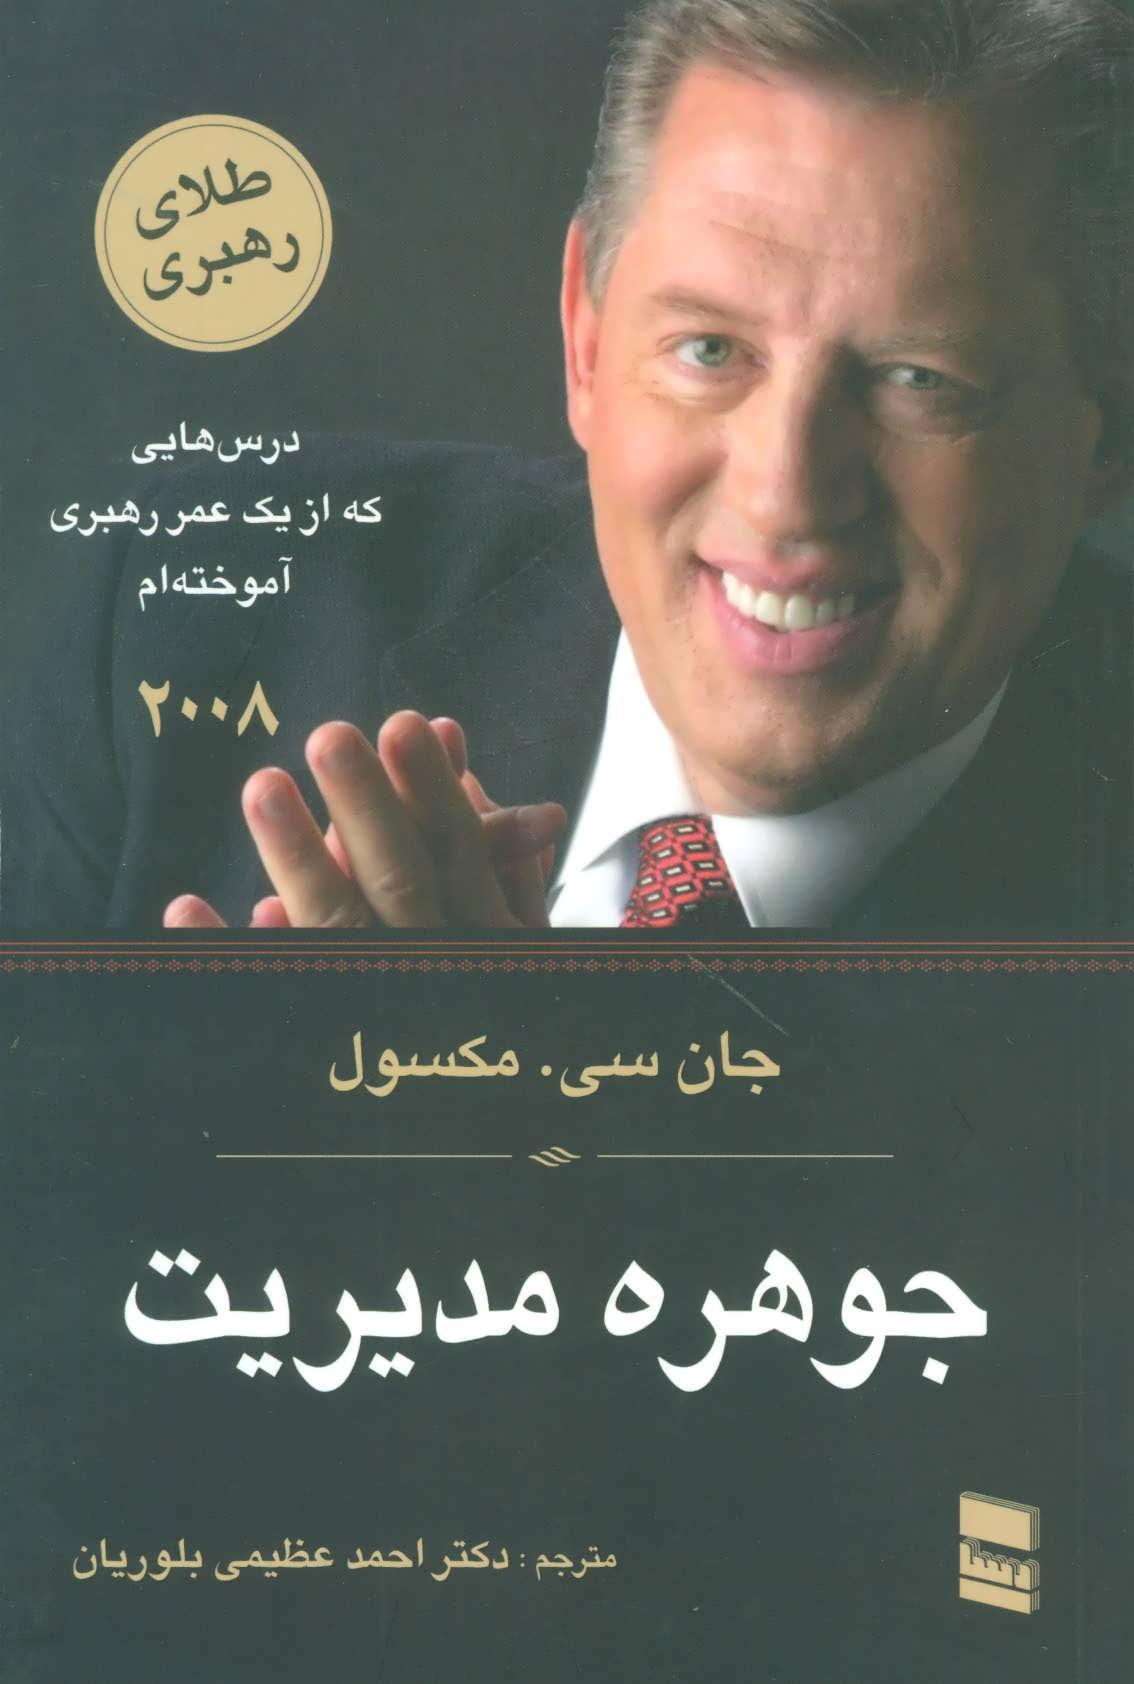 کتاب جوهره مدیریت و رهبری